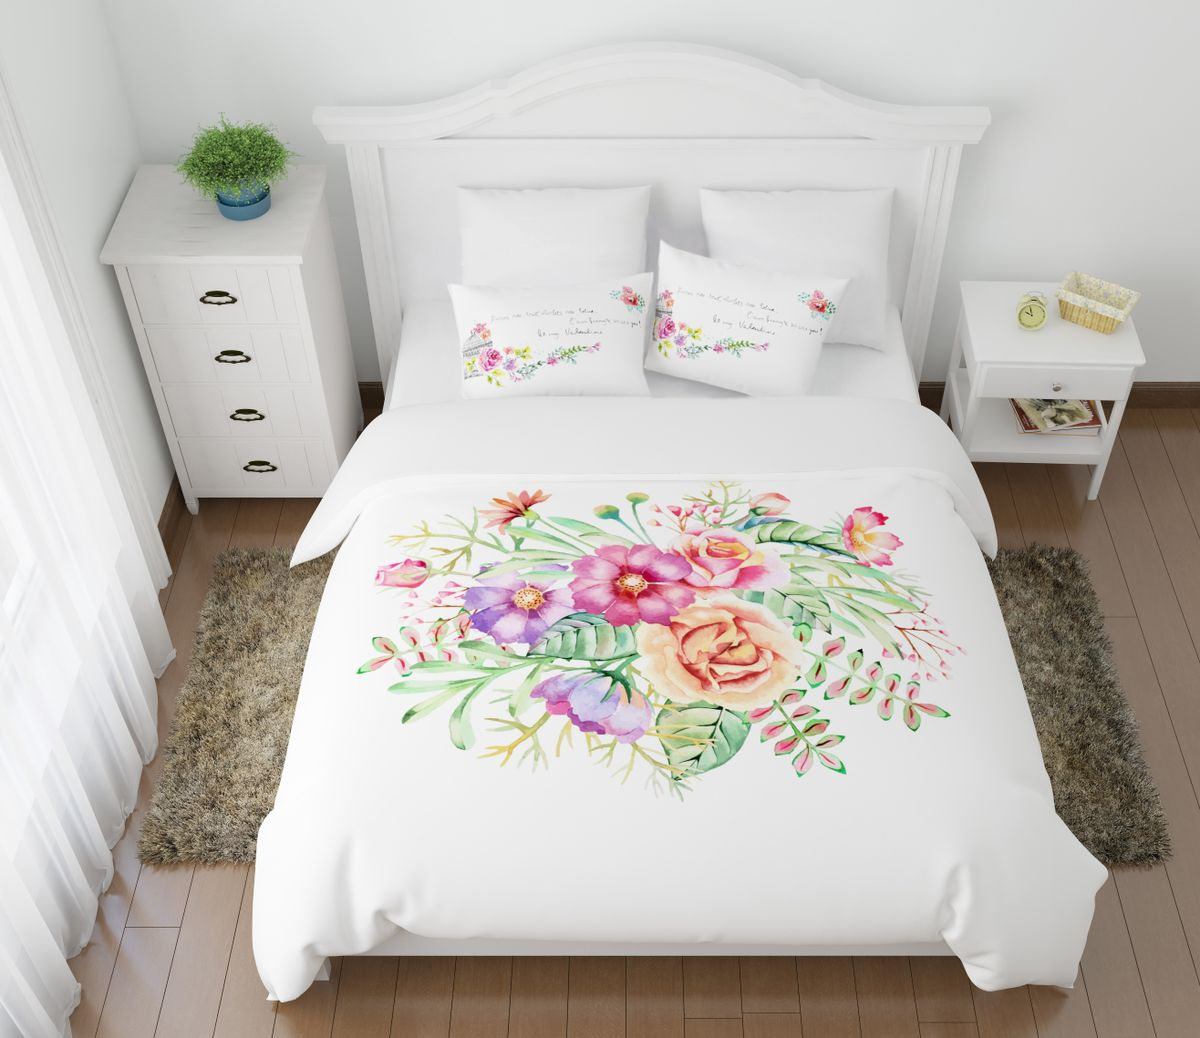 Комплект белья Сирень Вальс цветов, 2-спальный, наволочки 50х70FA-5125 WhiteКомплект постельного белья Сирень выполнен из прочной и мягкой ткани. Четкий и стильный рисунок в сочетании с насыщенными красками делают комплект постельного белья неповторимой изюминкой любого интерьера.Постельное белье идеально подойдет для подарка. Идеальное соотношение смешенной ткани и гипоаллергенных красок - это гарантия здорового, спокойного сна. Ткань хорошо впитывает влагу, надолго сохраняет яркость красок.В комплект входят: простынь, пододеяльник, две наволочки. Постельное белье легко стирать при 30-40°С, гладить при 150°С, не отбеливать. Рекомендуется перед первым использованием постирать.УВАЖАЕМЫЕ КЛИЕНТЫ! Обращаем ваше внимание, что цвет простыни, пододеяльника, наволочки в комплектации может немного отличаться от представленного на фото.